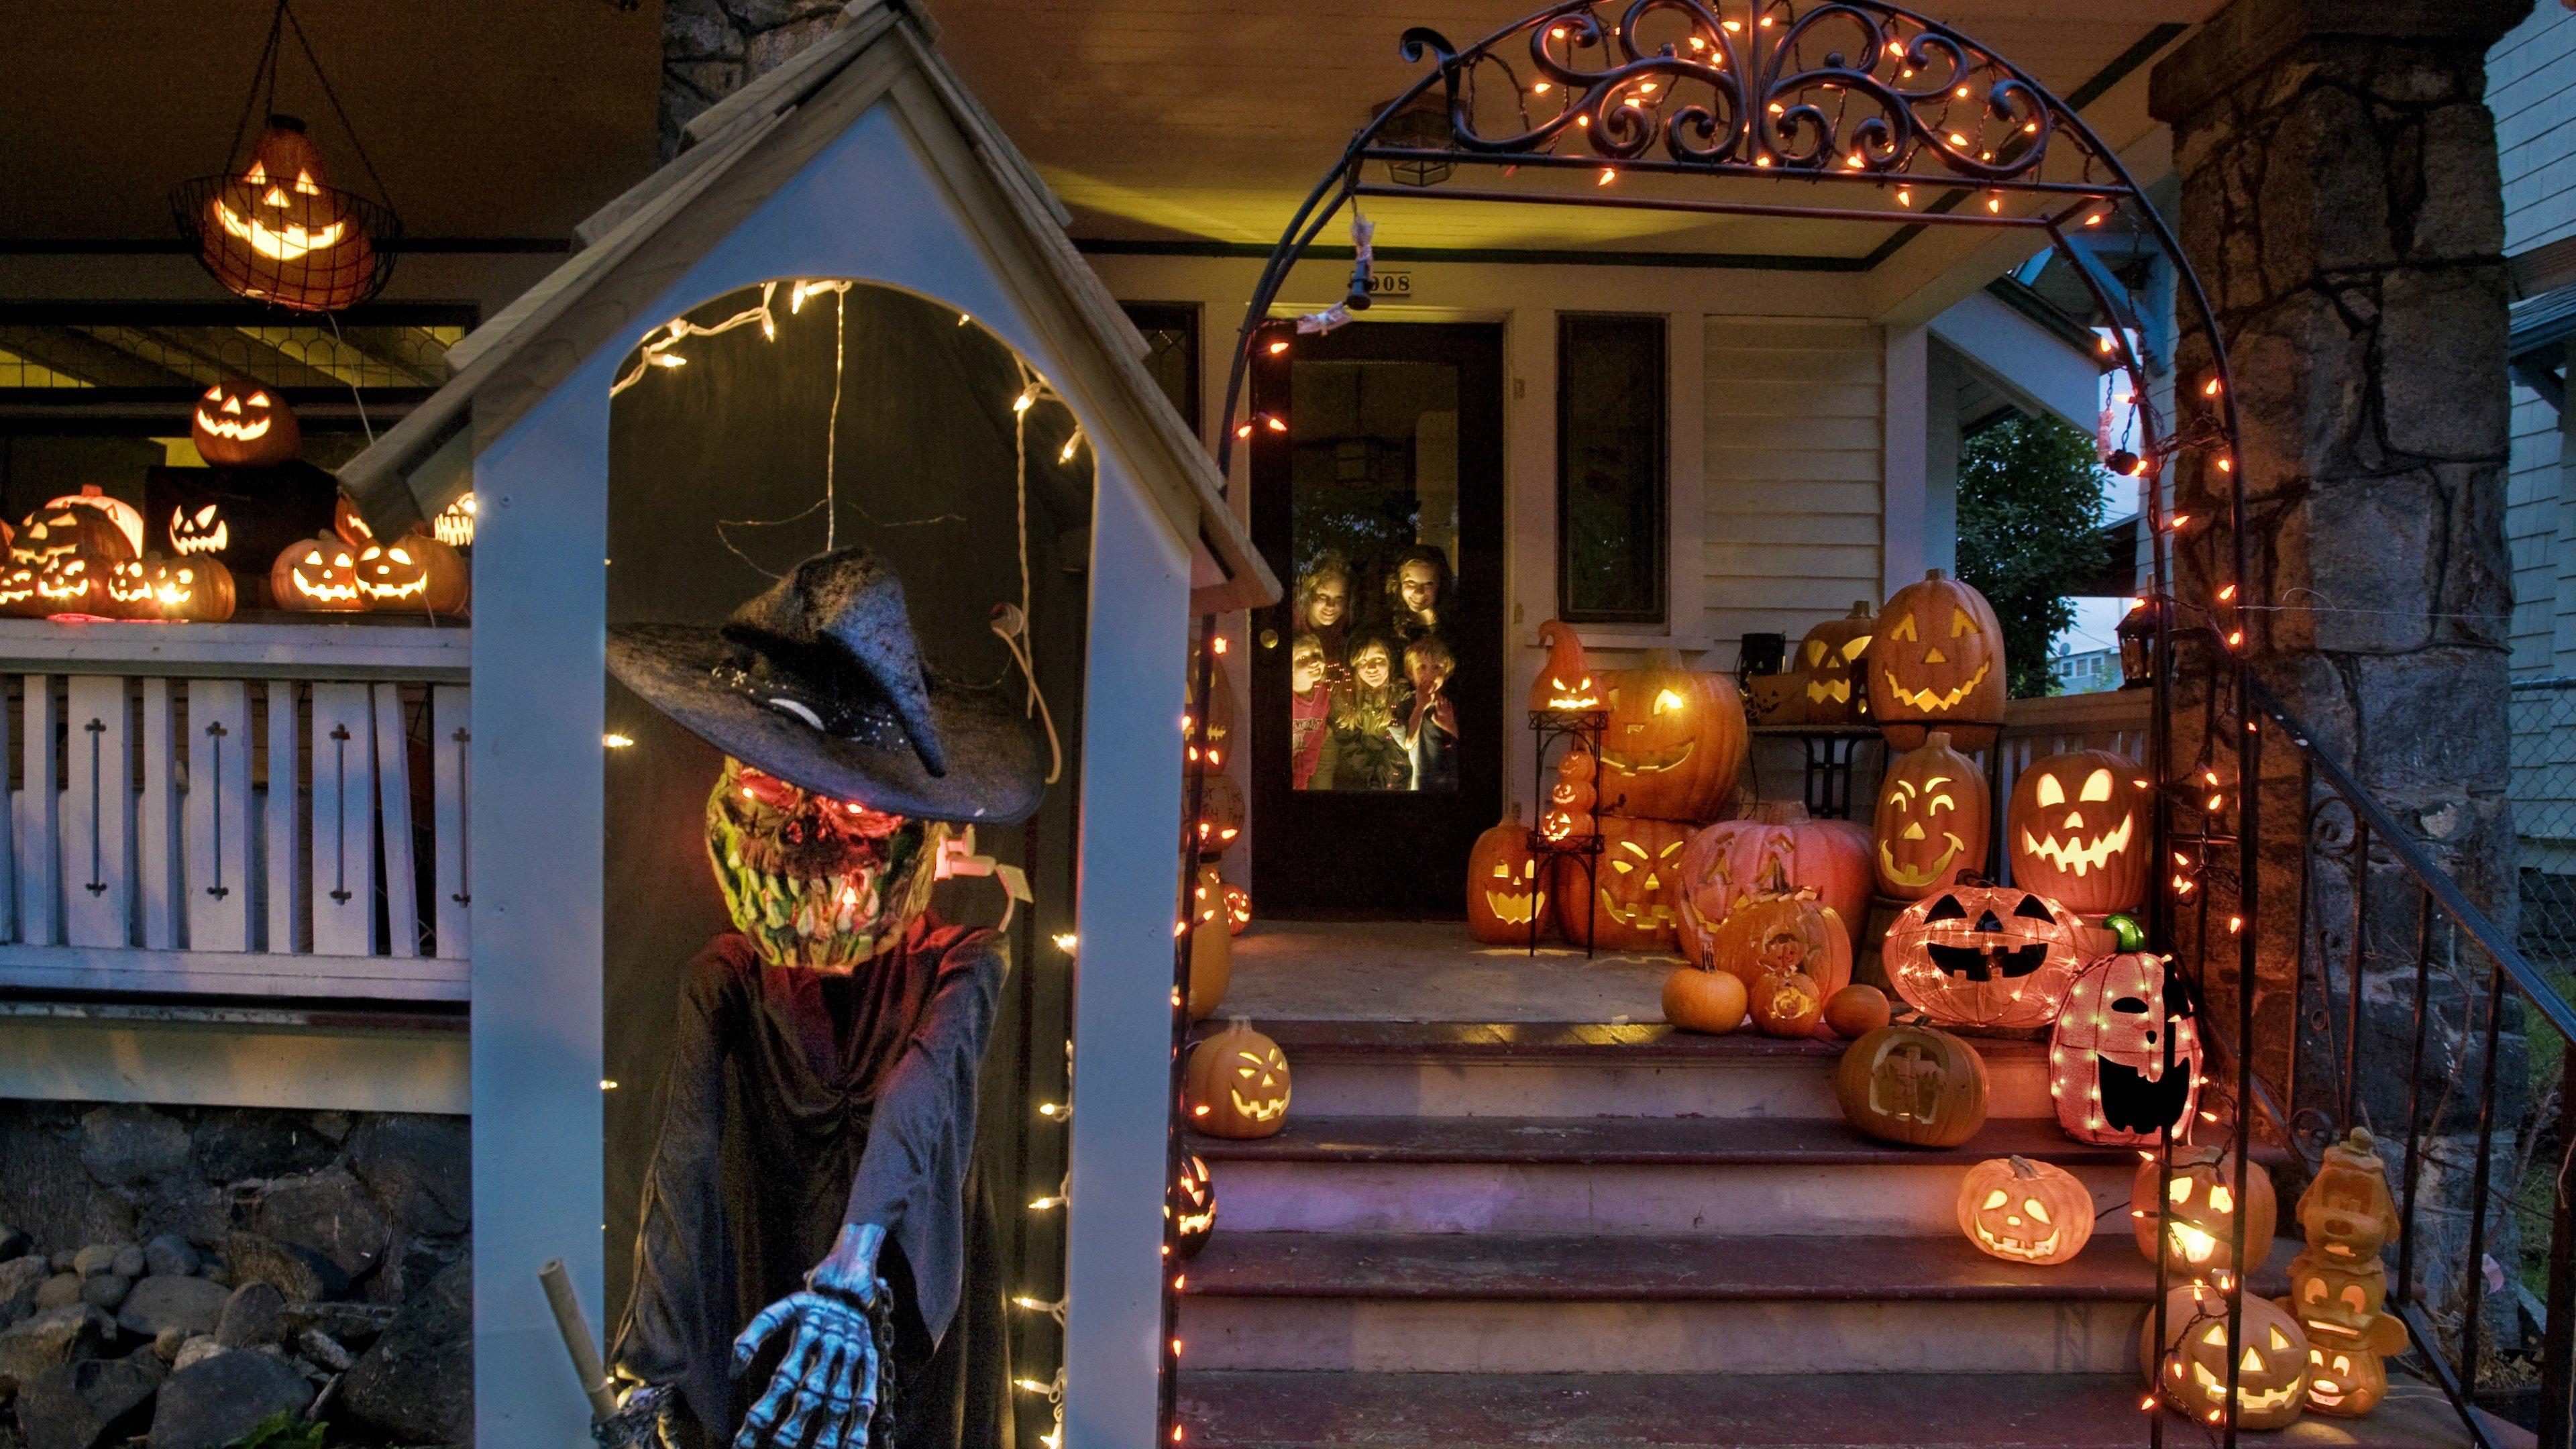 Fondos de pantalla Casa decorada para Halloween